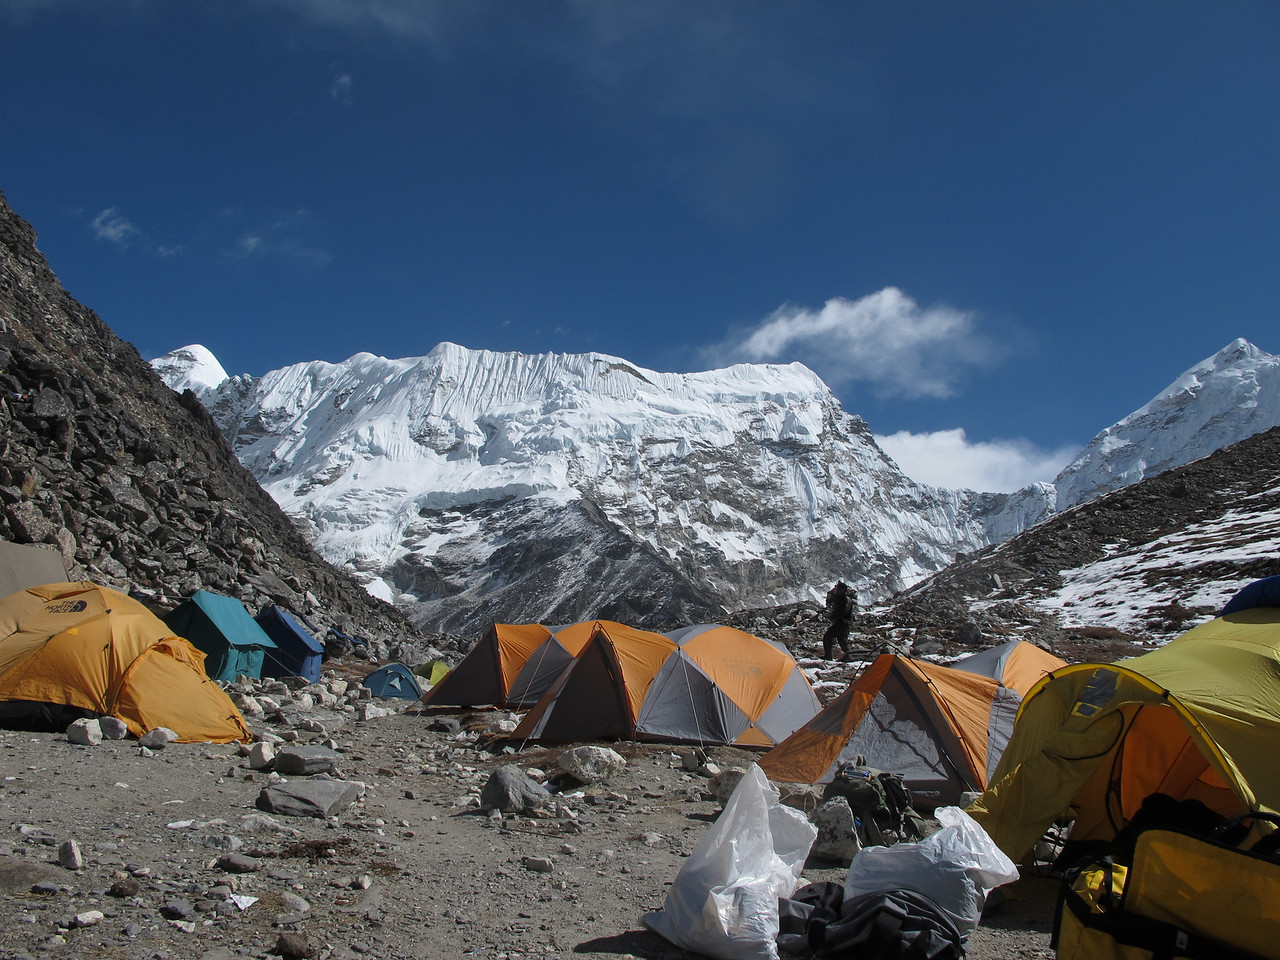 Island Peak Base Camp